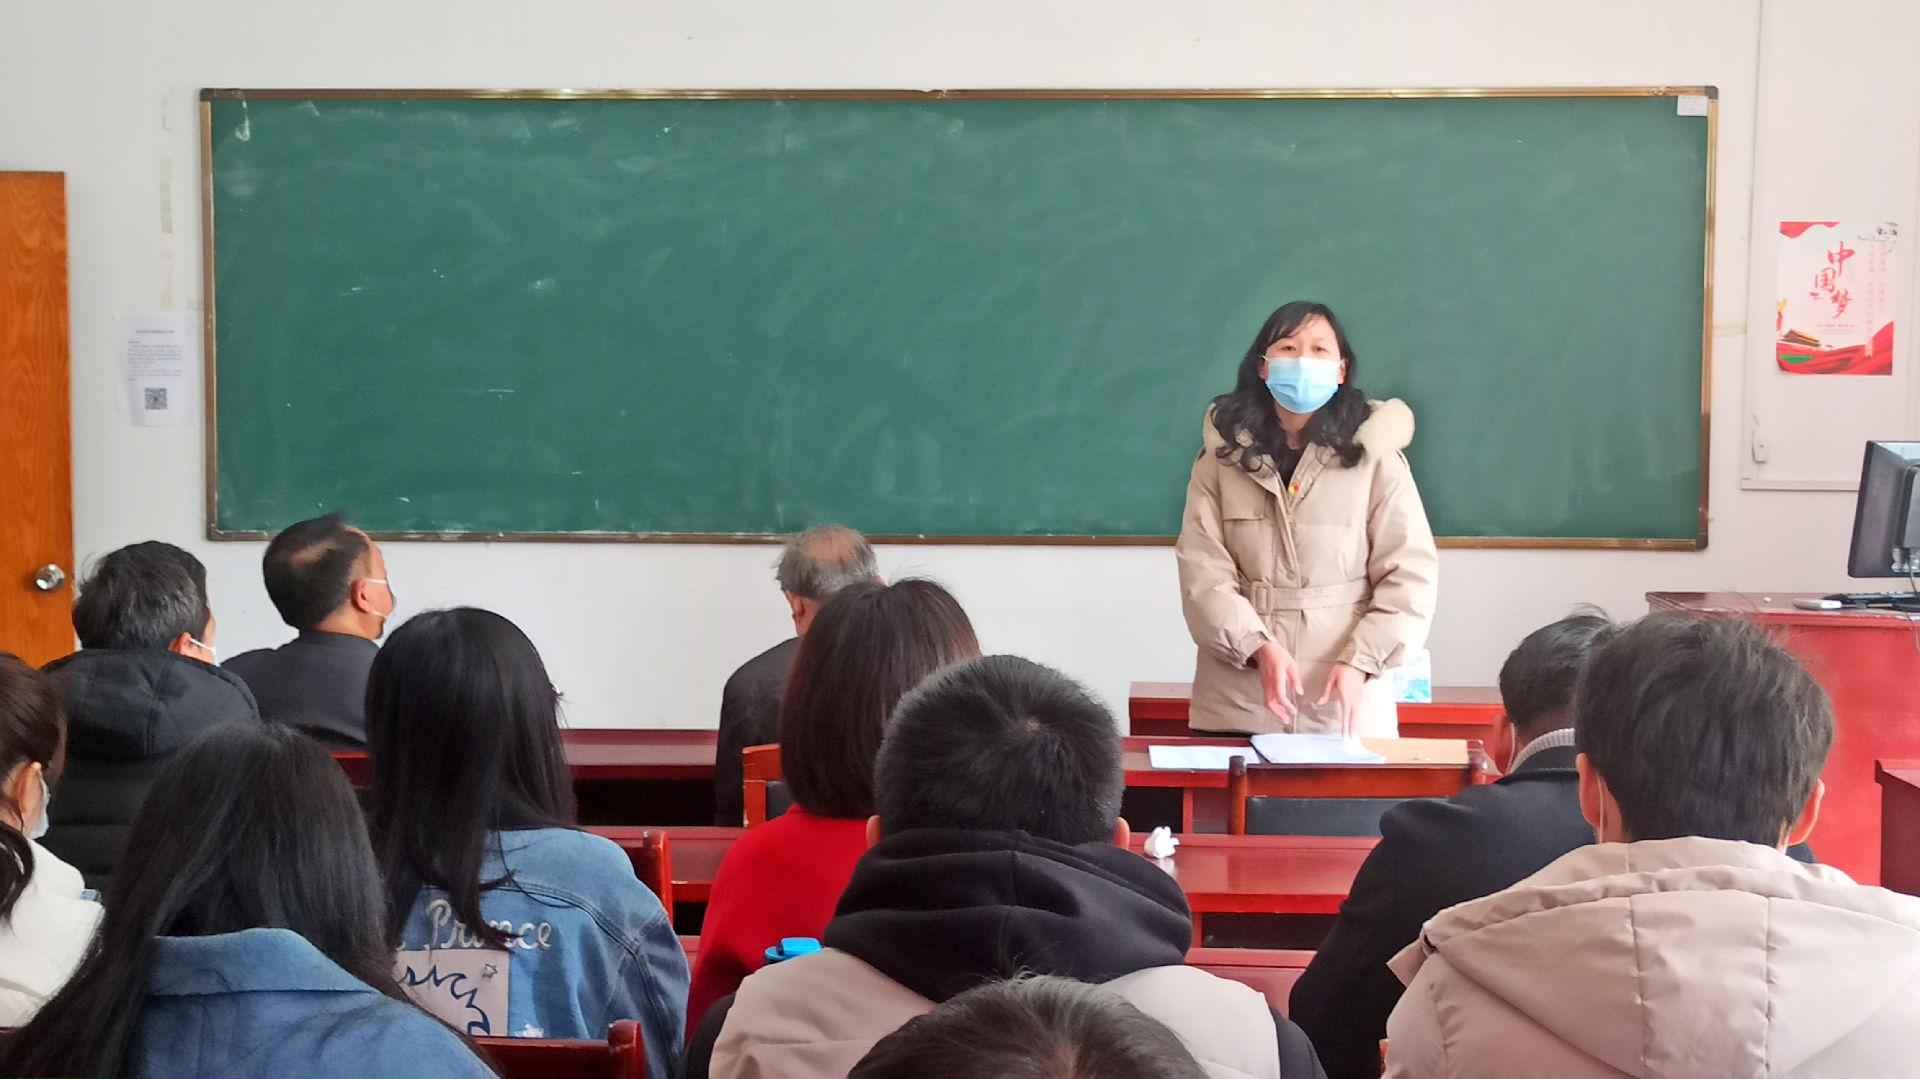 武汉科技职业学院顺利召开三月份支部主题党日活动